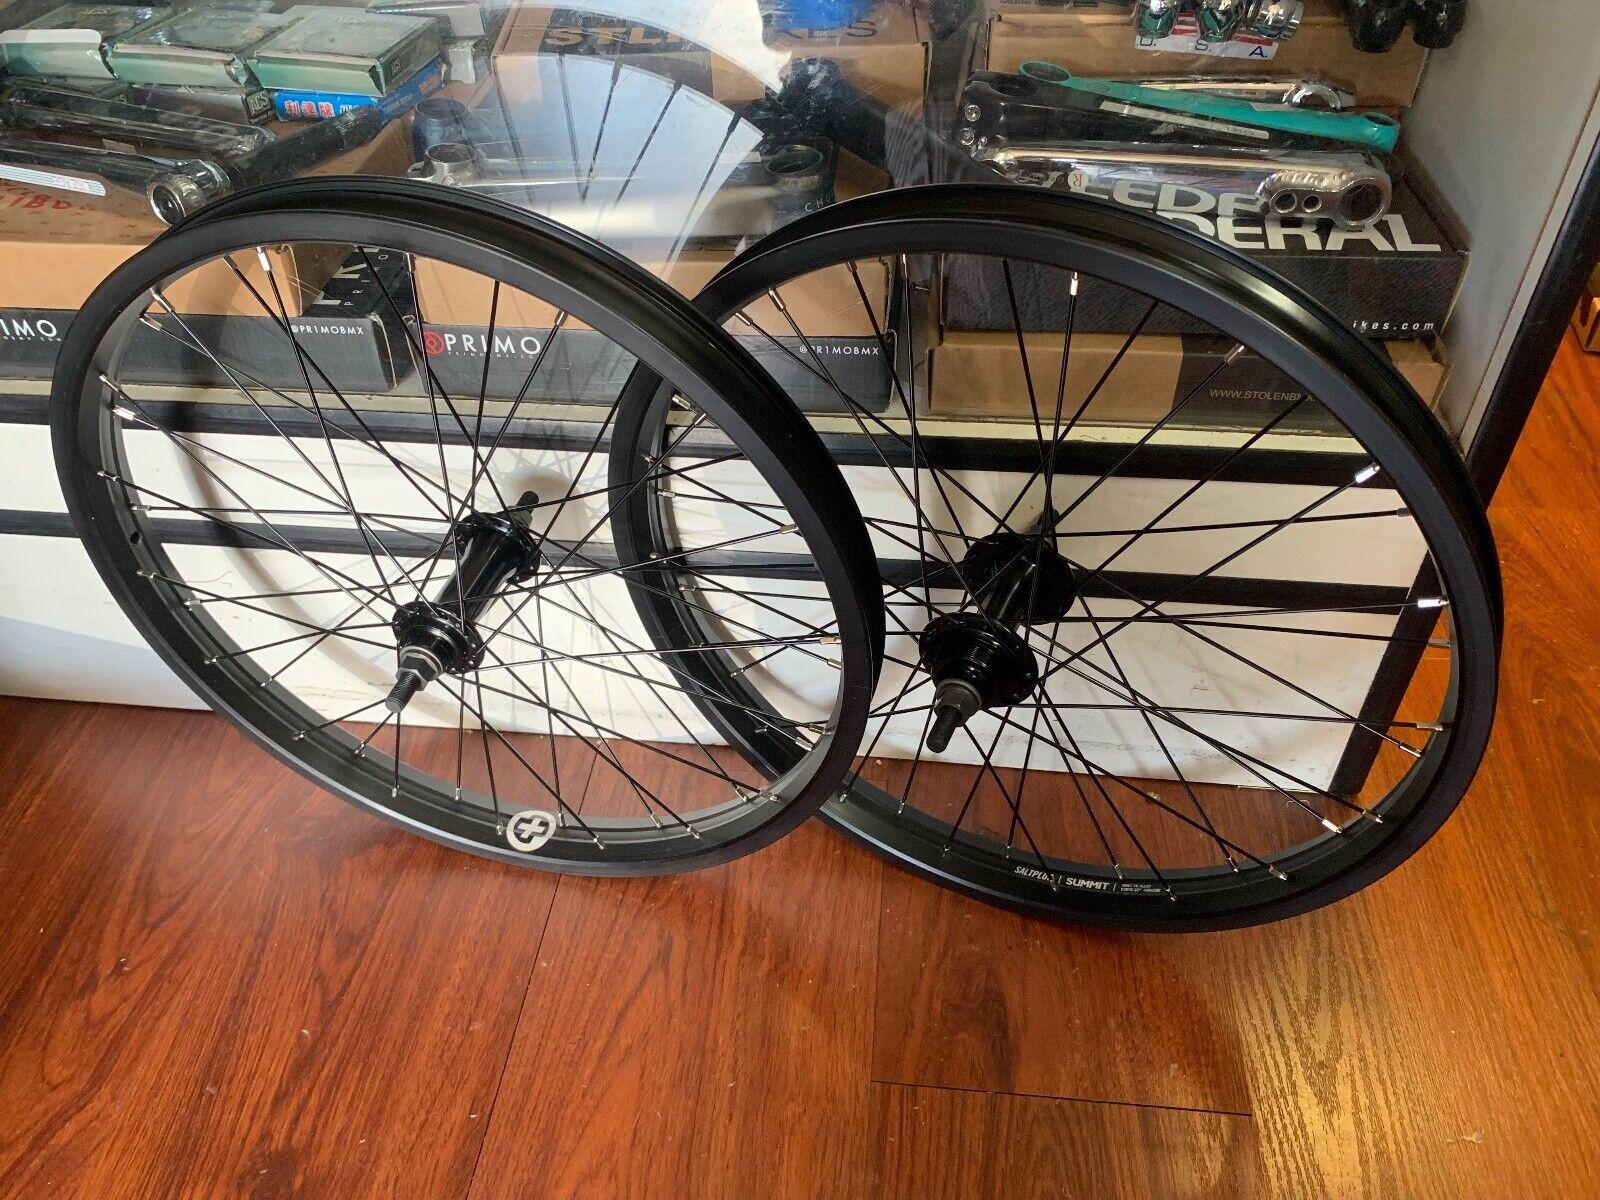 Sal Plus Everest 3 8 juego de ruedas completo de Rueda Libre Negro 20  ruedas de bici de BMX